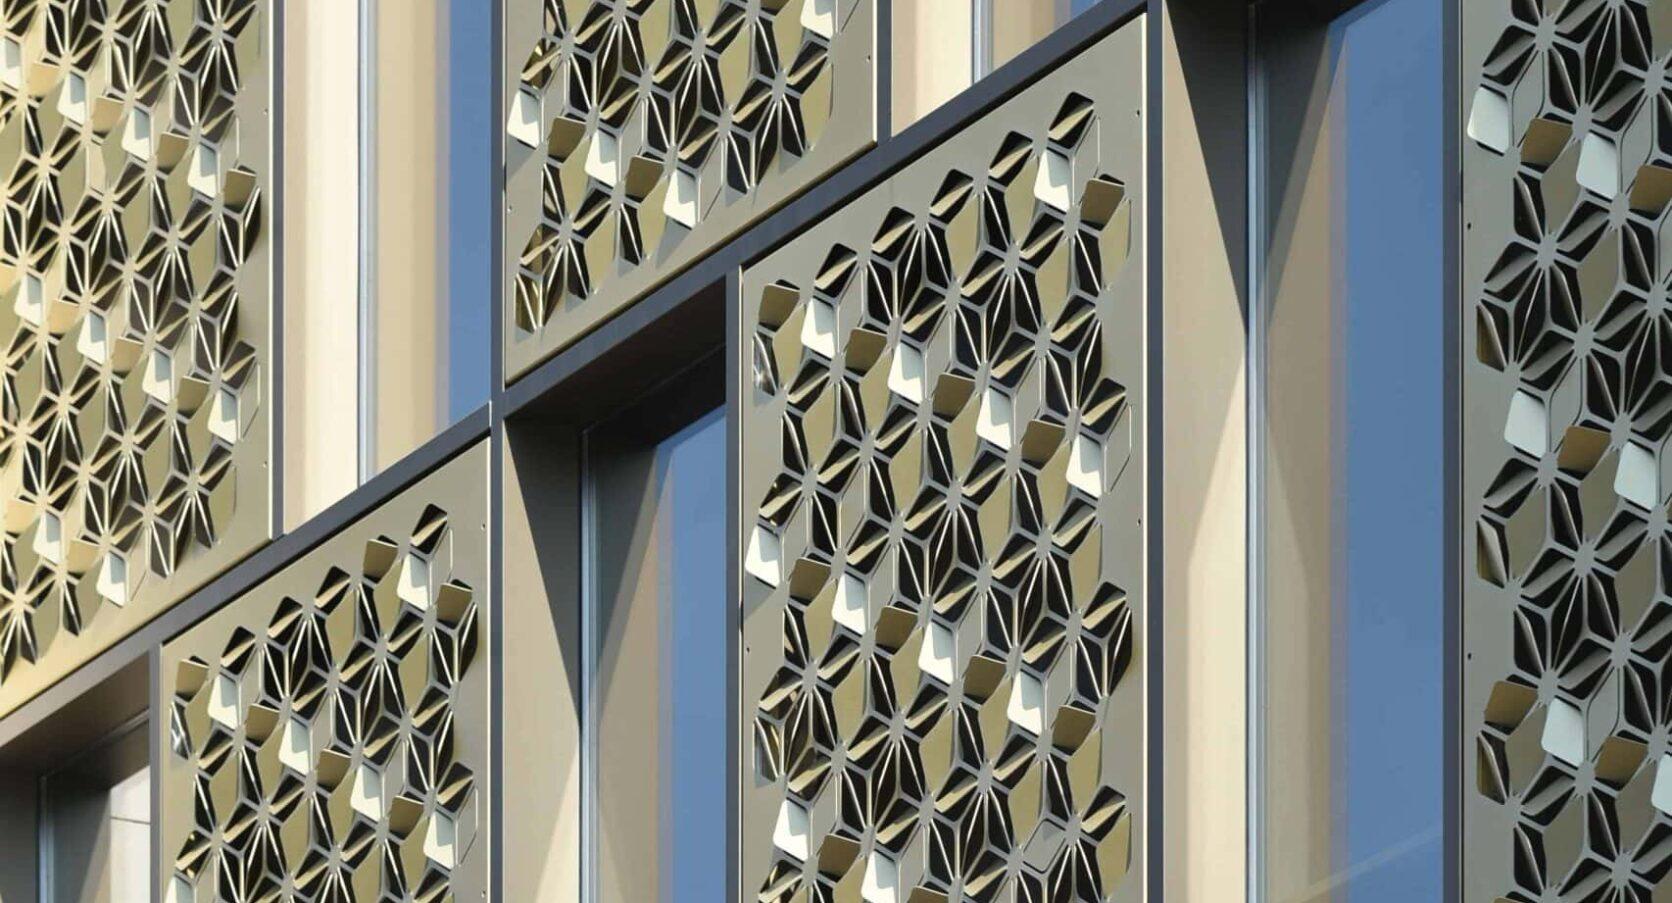 De designpanelen van Winkelcomplex Kalanderstraat in Enschede